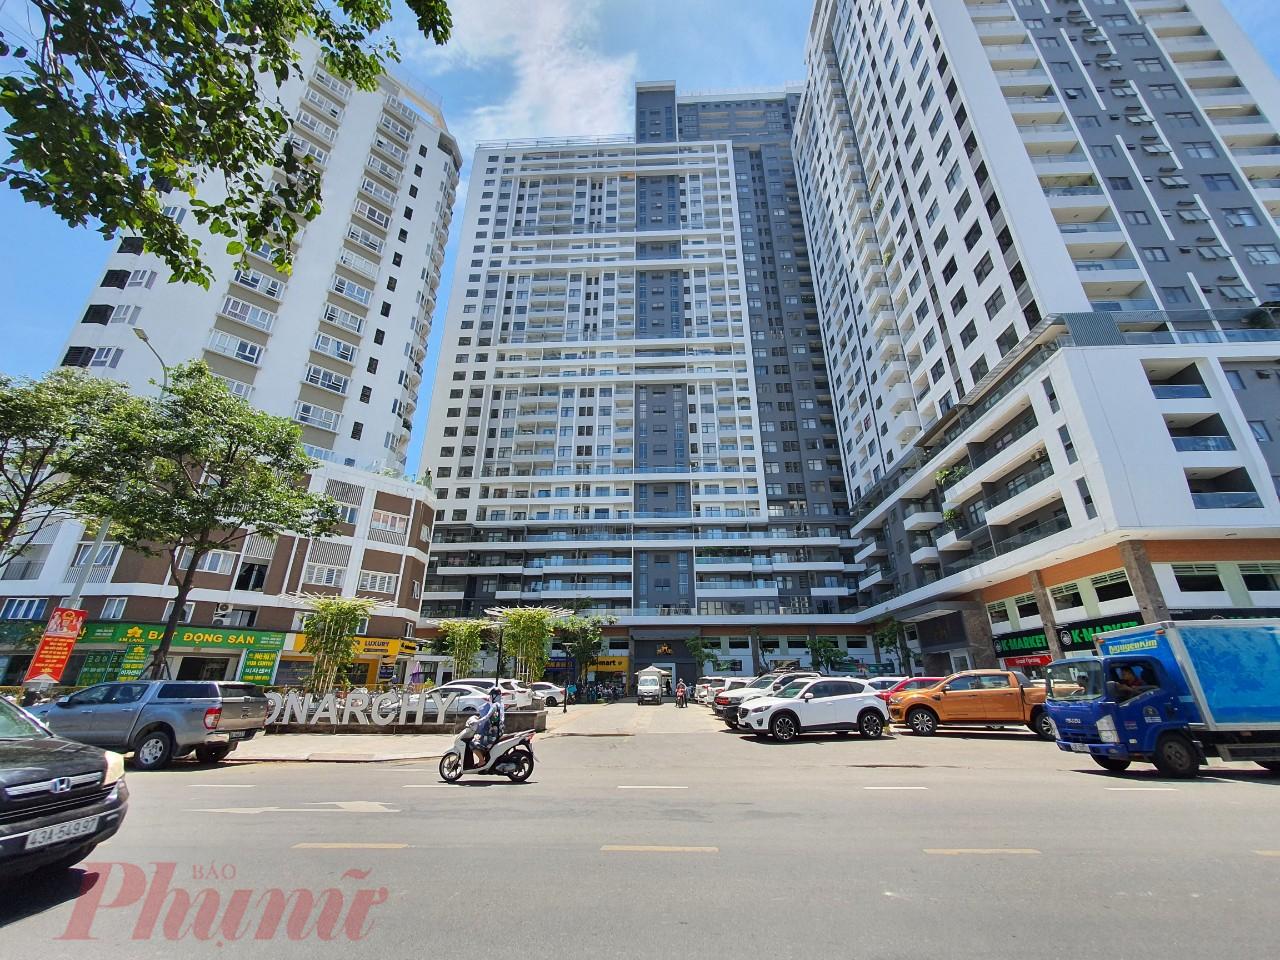 Cư dân đã mua căn hộ tại chung cư Monarchy block B yêu cầu chủ đầu tư ra mặt giải thích